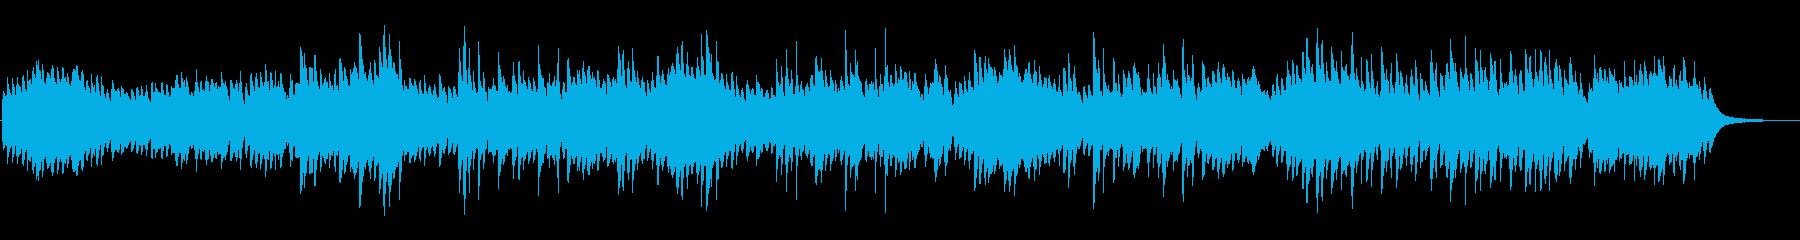 爽やか癒しピアノCMVPアンビエントの再生済みの波形